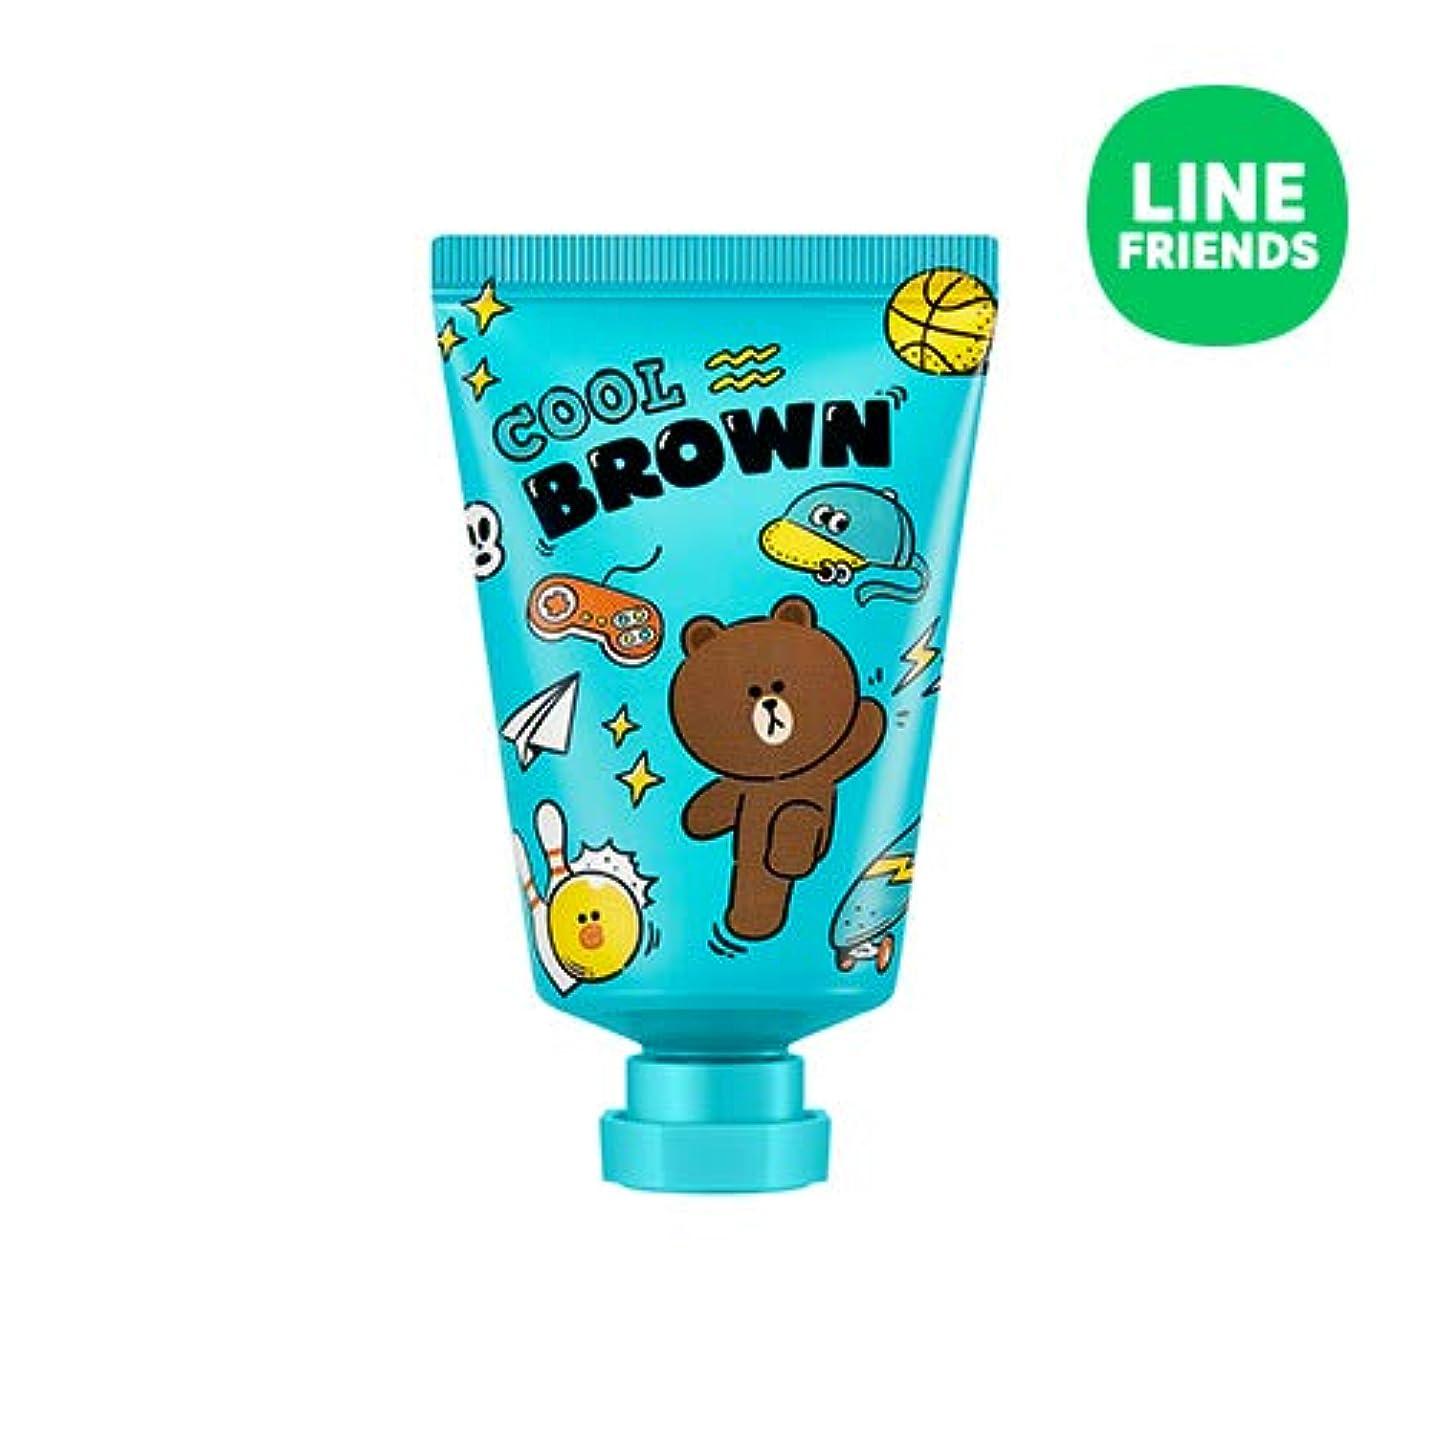 電圧溶ける強盗ミシャ(ラインフレンズ)ラブシークレットハンドクリーム 30ml MISSHA [Line Friends Edition] Love Secret Hand Cream - Brown # Grapefruit [並行輸入品]